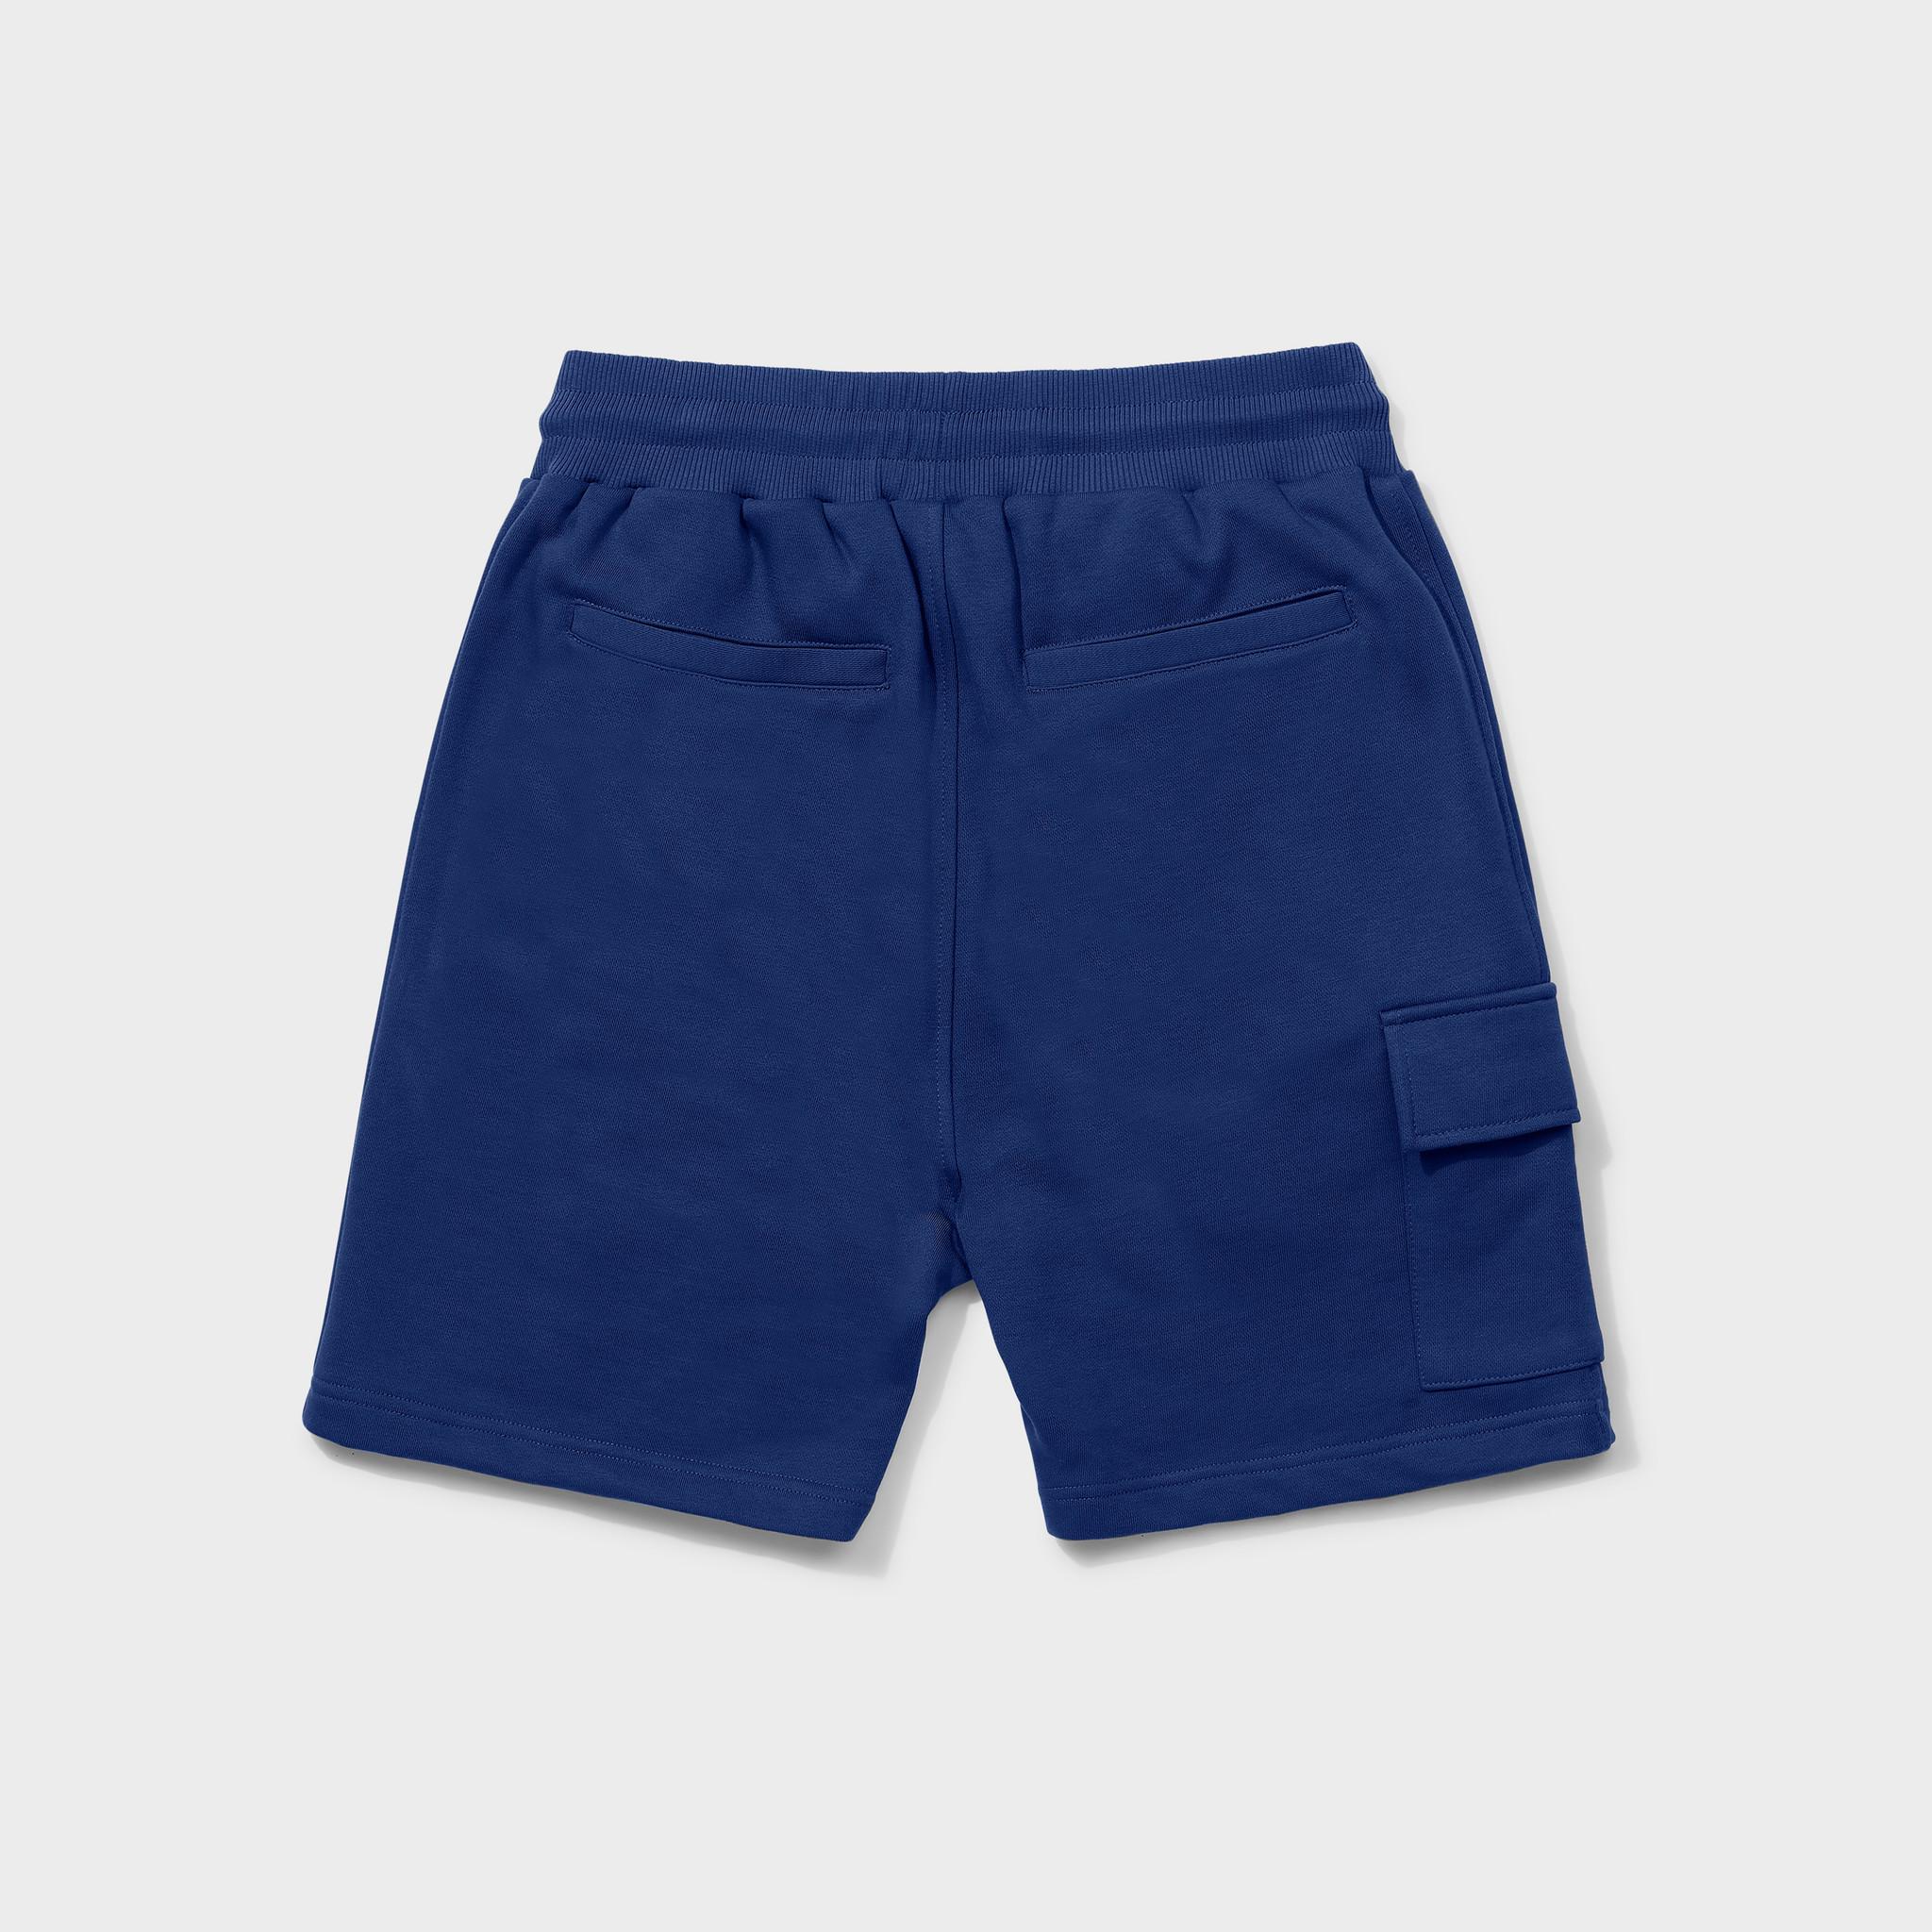 Travis shorts navy-2